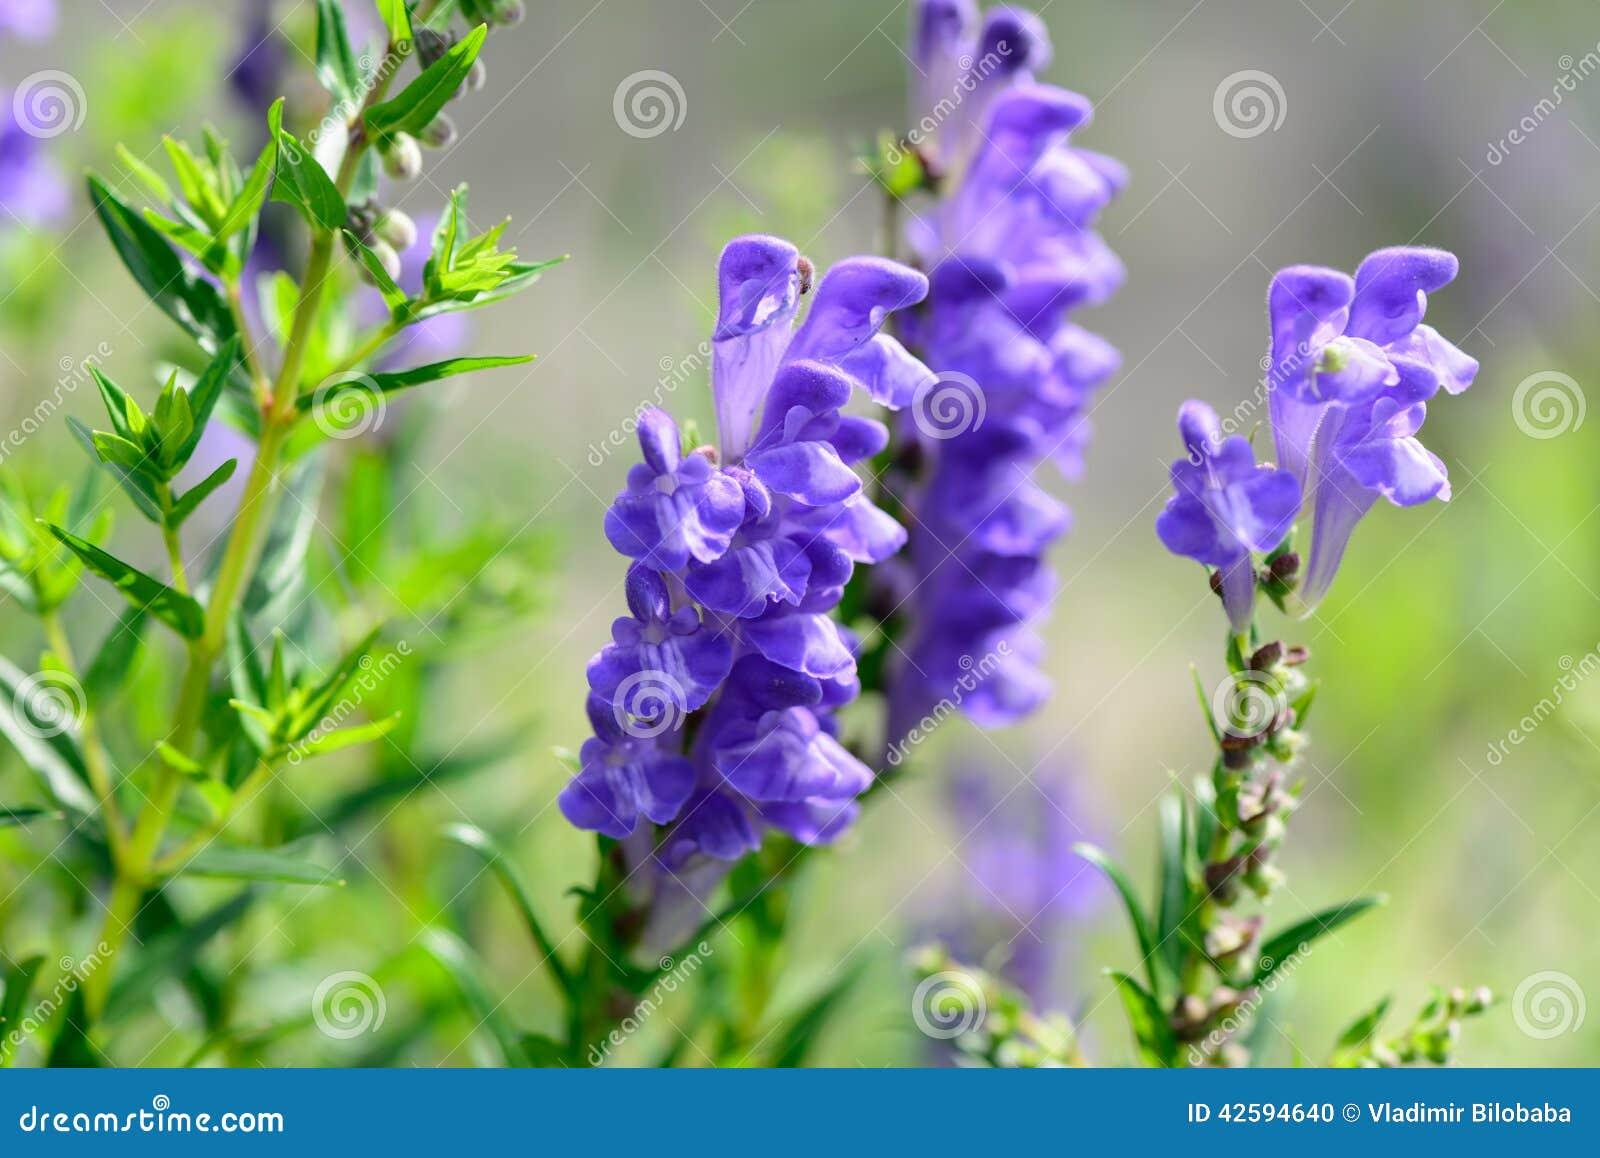 flores para jardim verao : flores para jardim verao:As flores azuis brilhantes do jardim do verão fecham-se acima, fundos